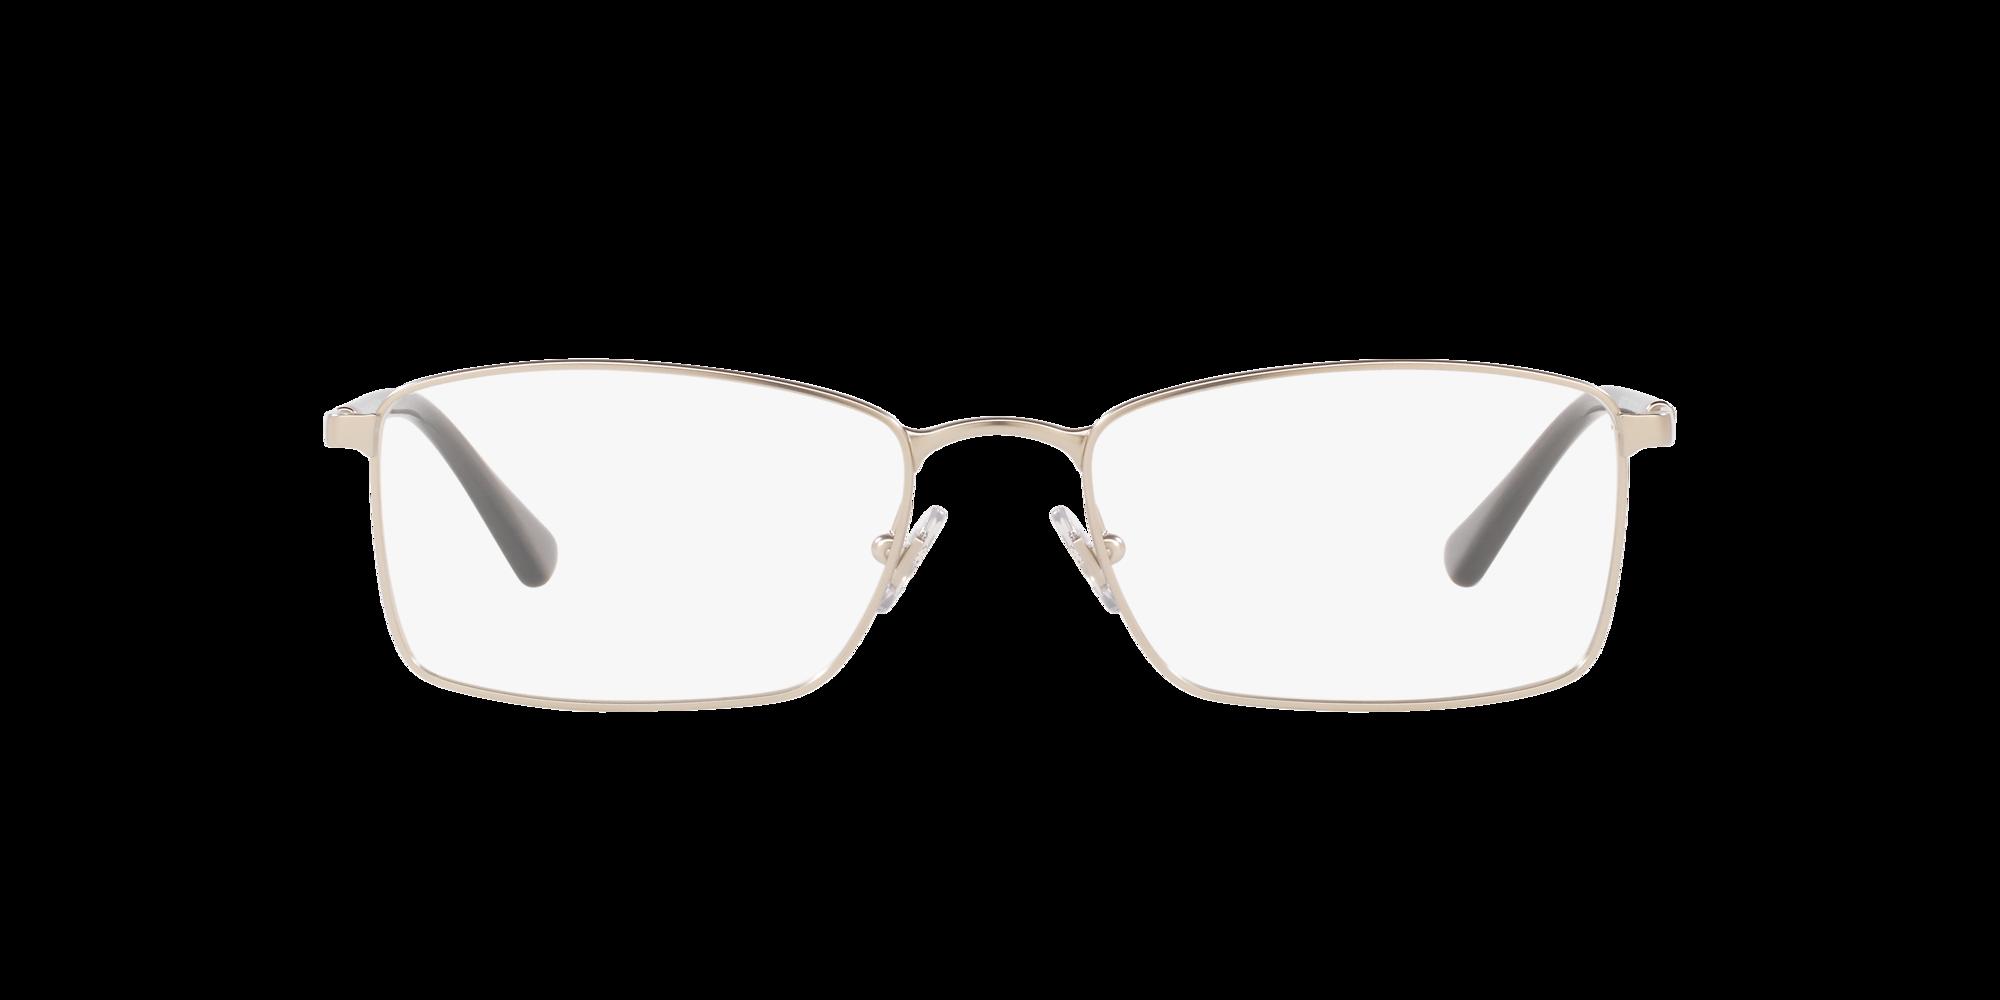 Imagen para BB1073T de LensCrafters |  Espejuelos, espejuelos graduados en línea, gafas